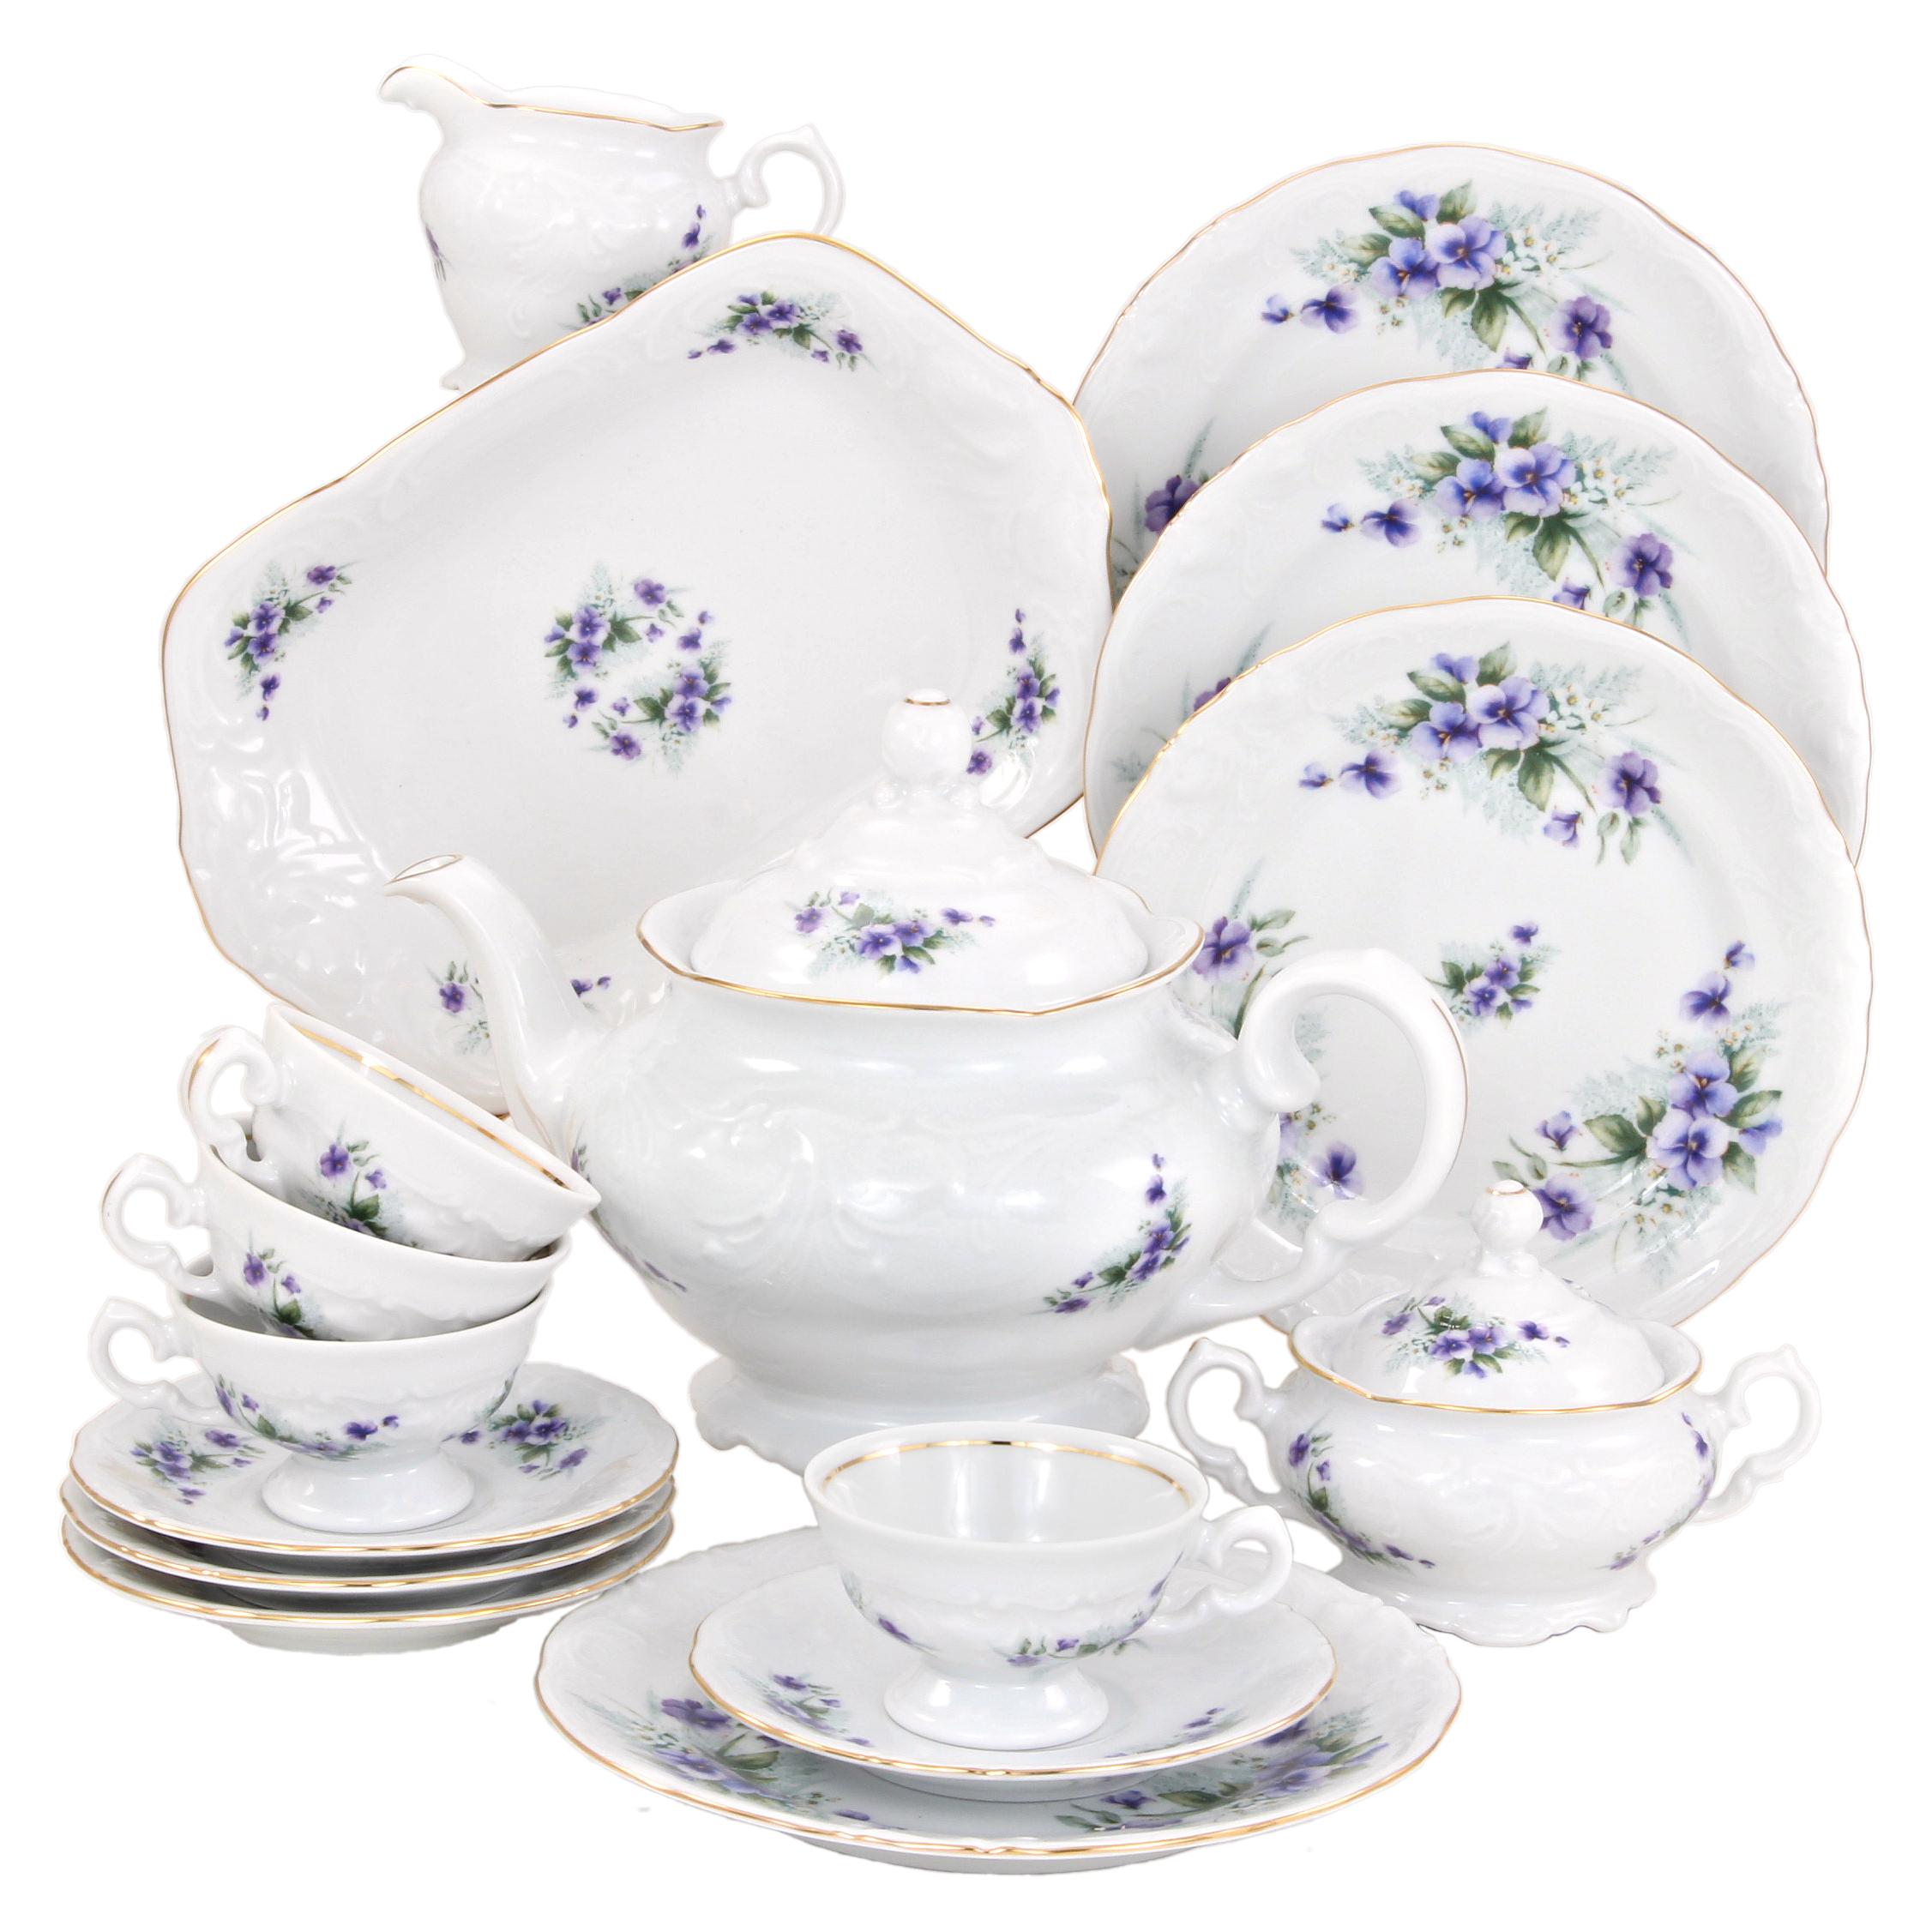 Violet Fine China Tea Set for Children